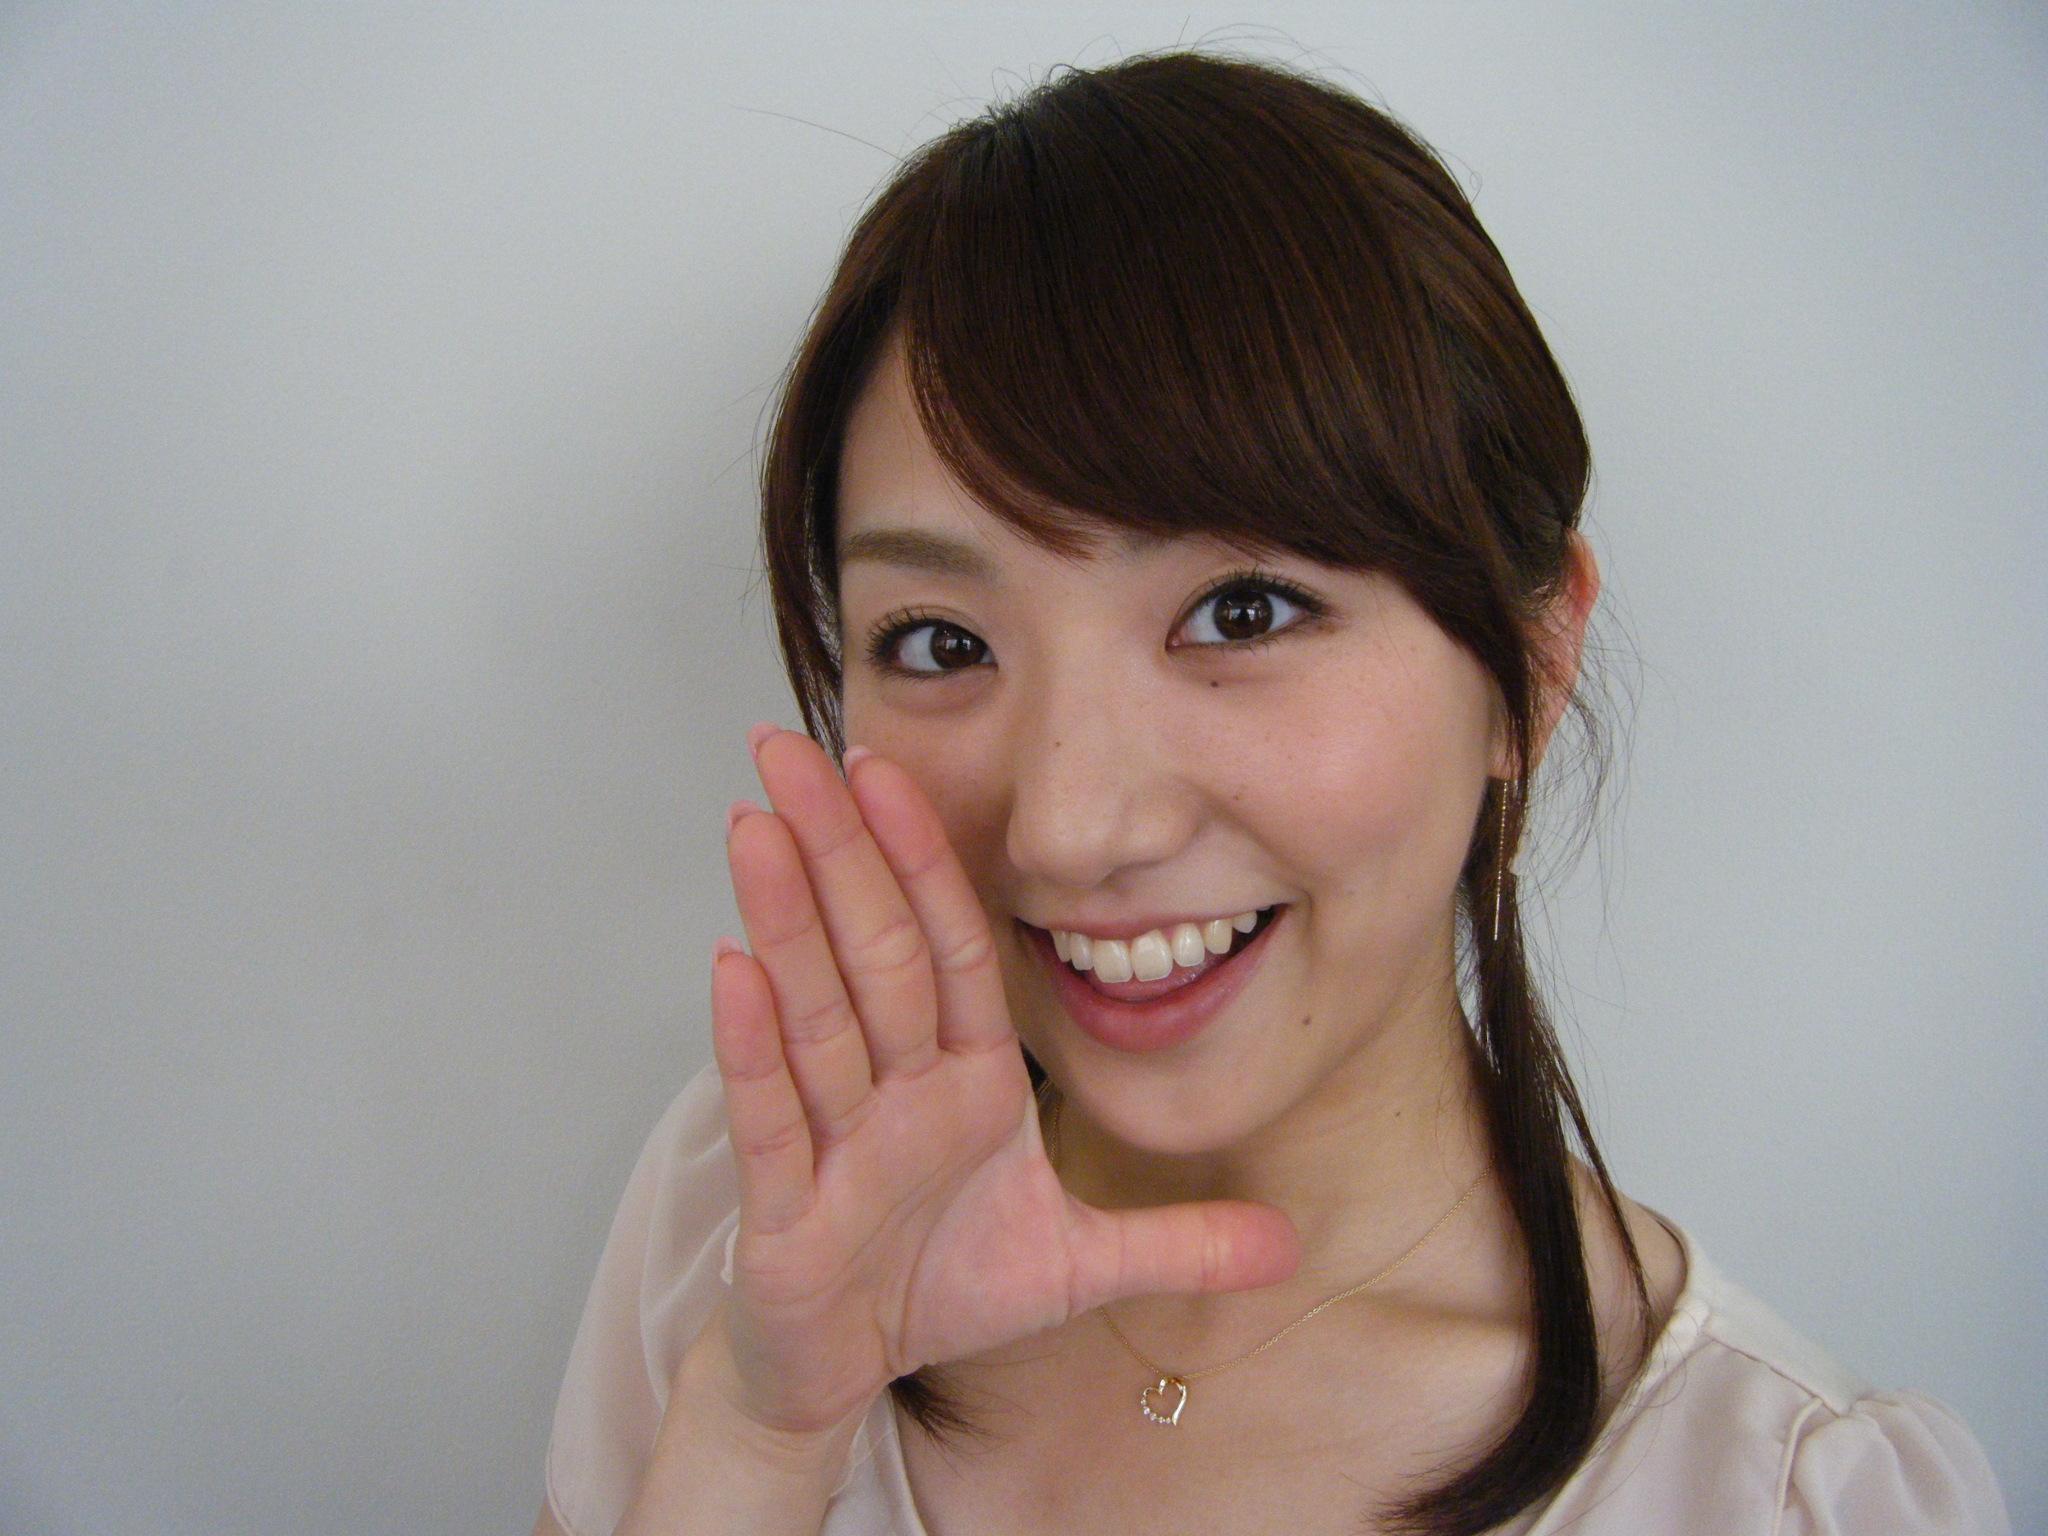 松村未央アナが陣内智則と熱愛で結婚?手つなぎデート画像に口コミは?のサムネイル画像